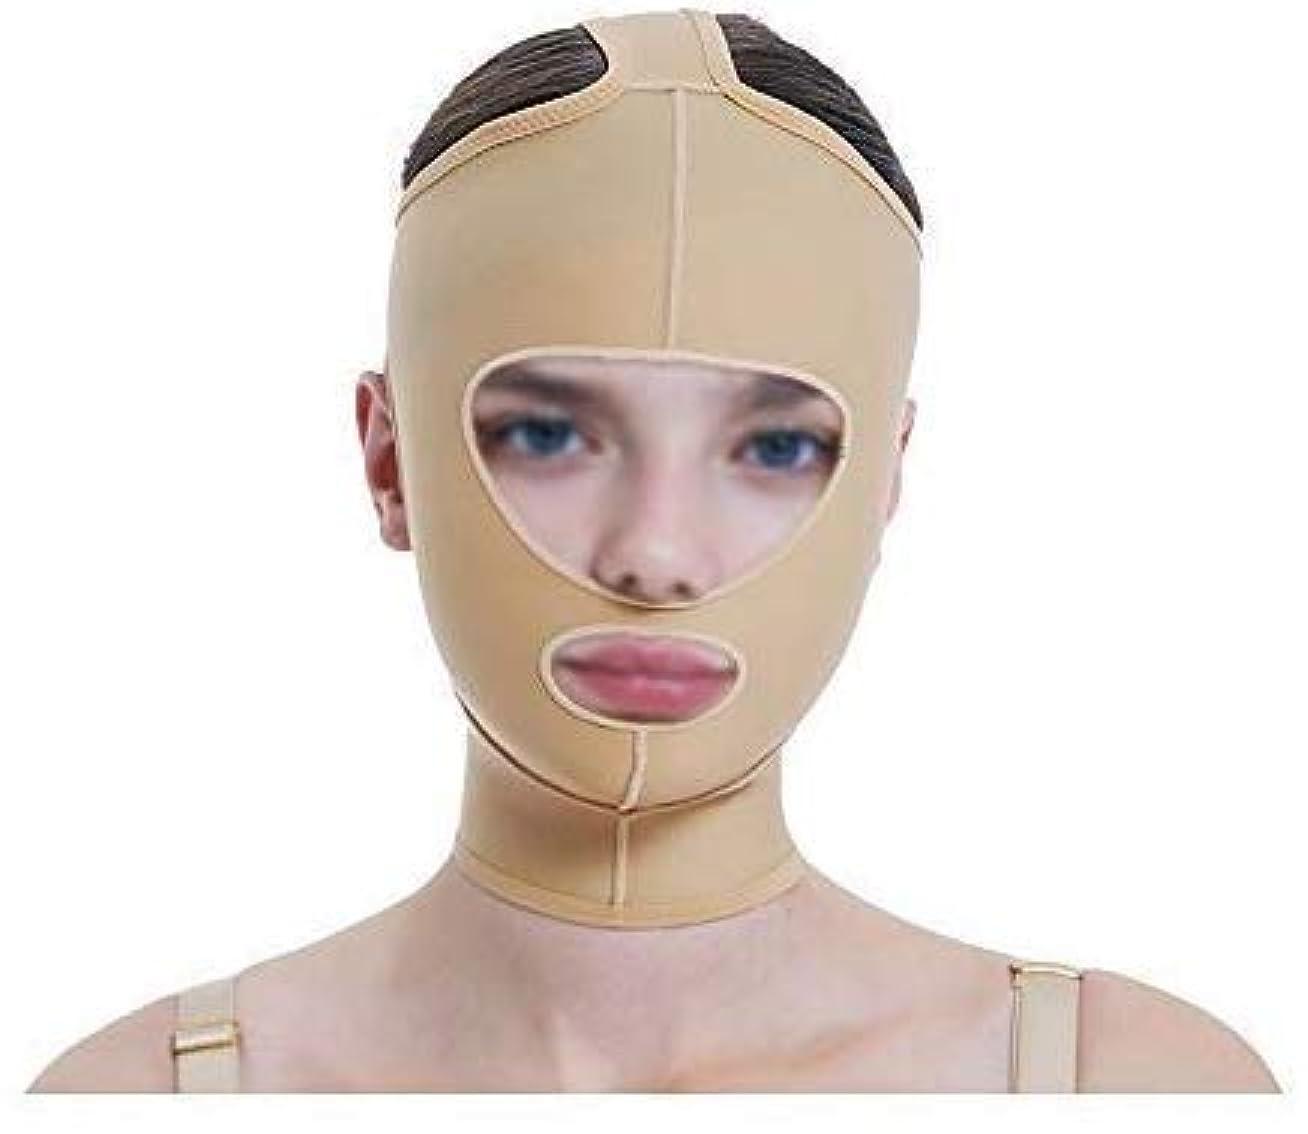 家具変装朝美しさと実用的な顔と首のリフト、減量フェイスマスクフェイスカービングフェイス弾性セット薄いダブルチンアーティファクトVフェイスビームフェイス(サイズ:XS)